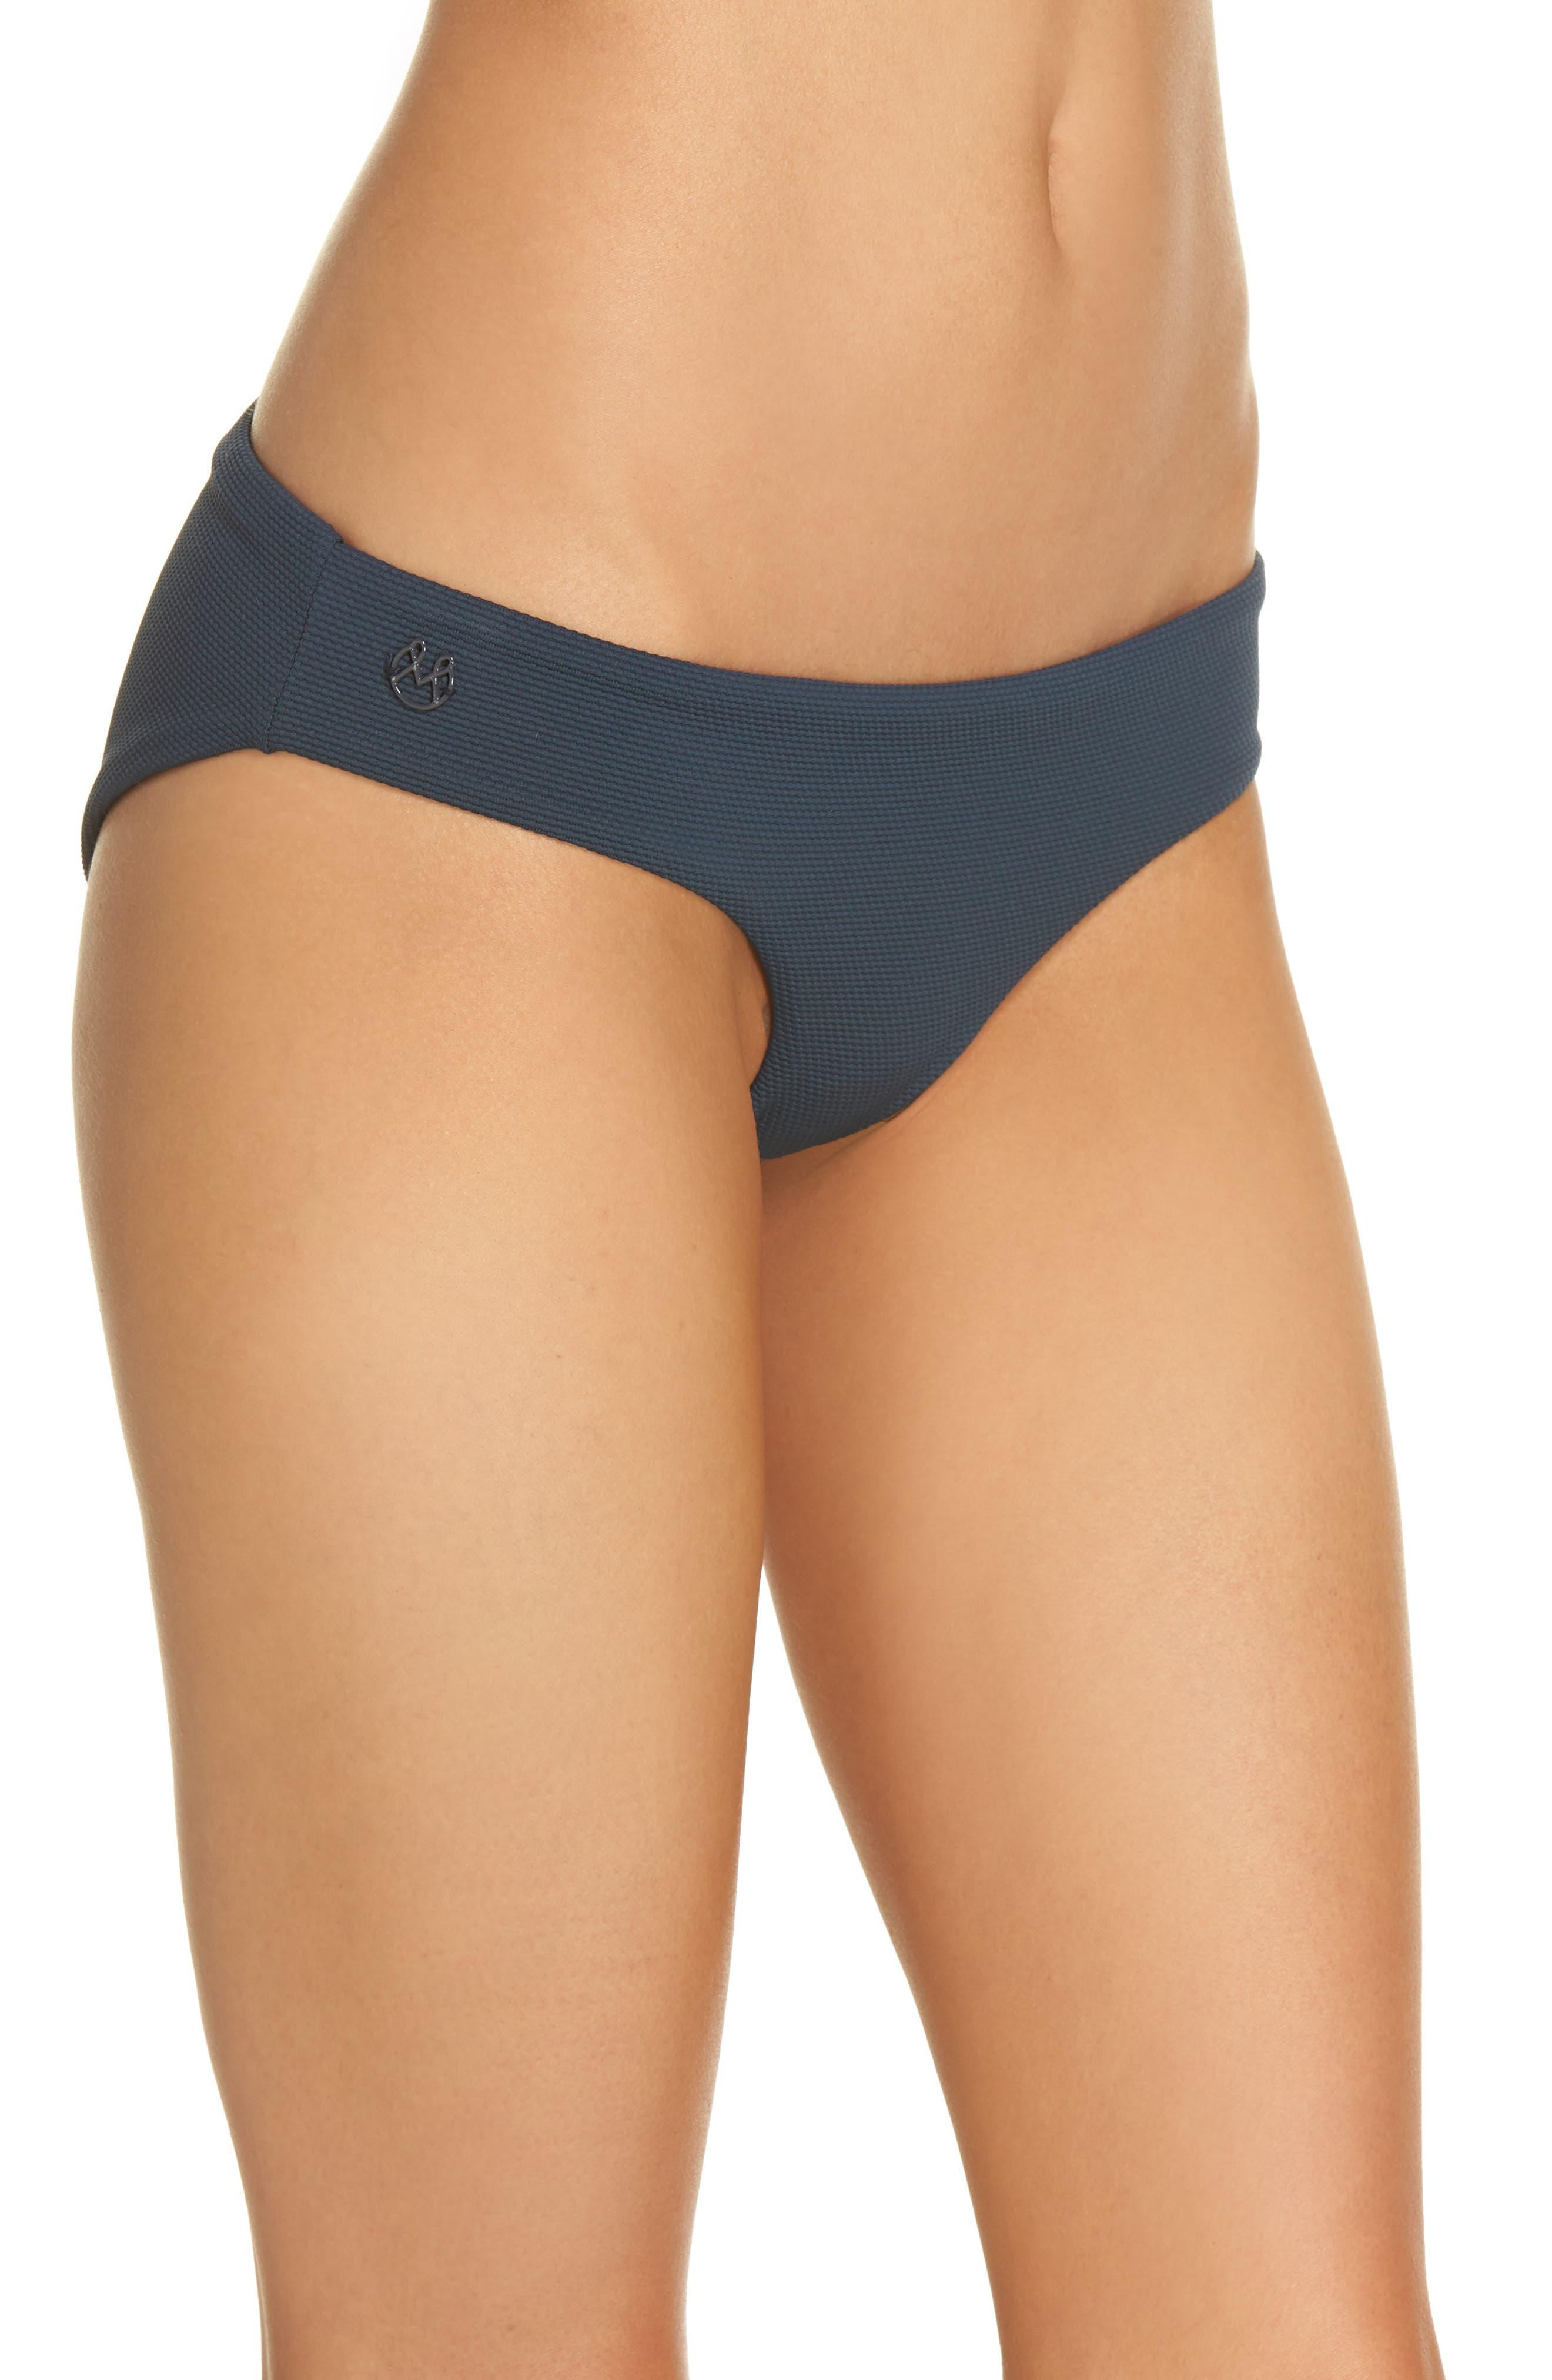 Stargazer Sublime Signature Reversible Bikini Bottoms,                             Alternate thumbnail 4, color,                             400